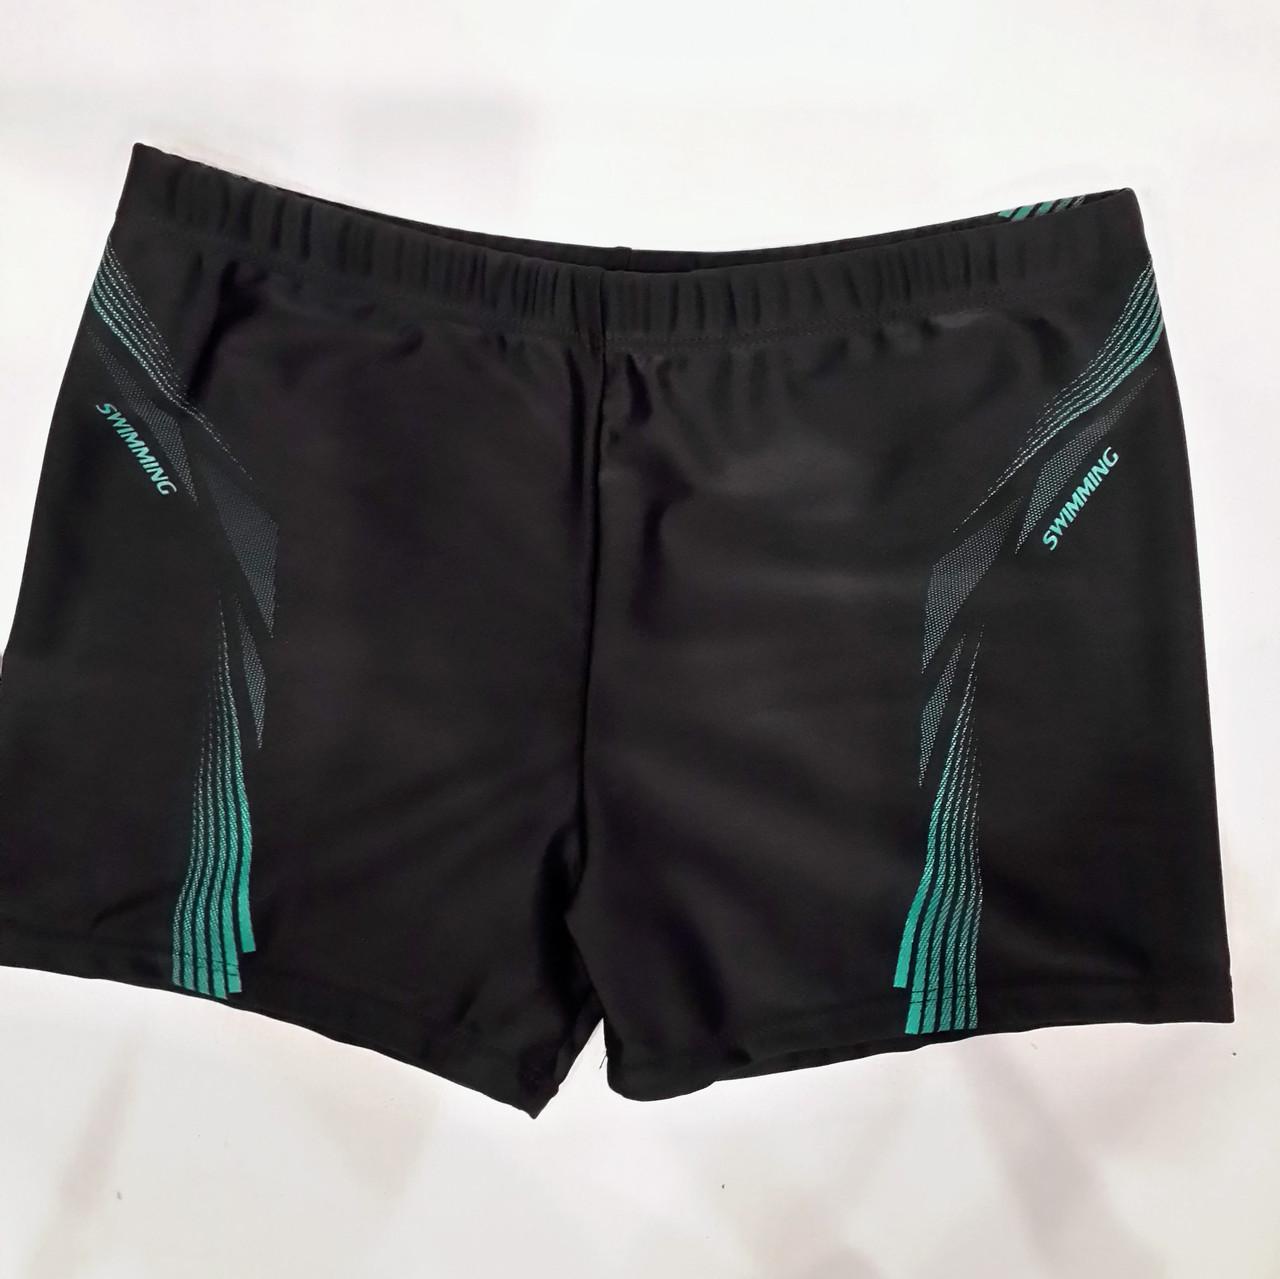 Плавки-шорты мужские Свимминг 6072  черные на наш  размер 46.